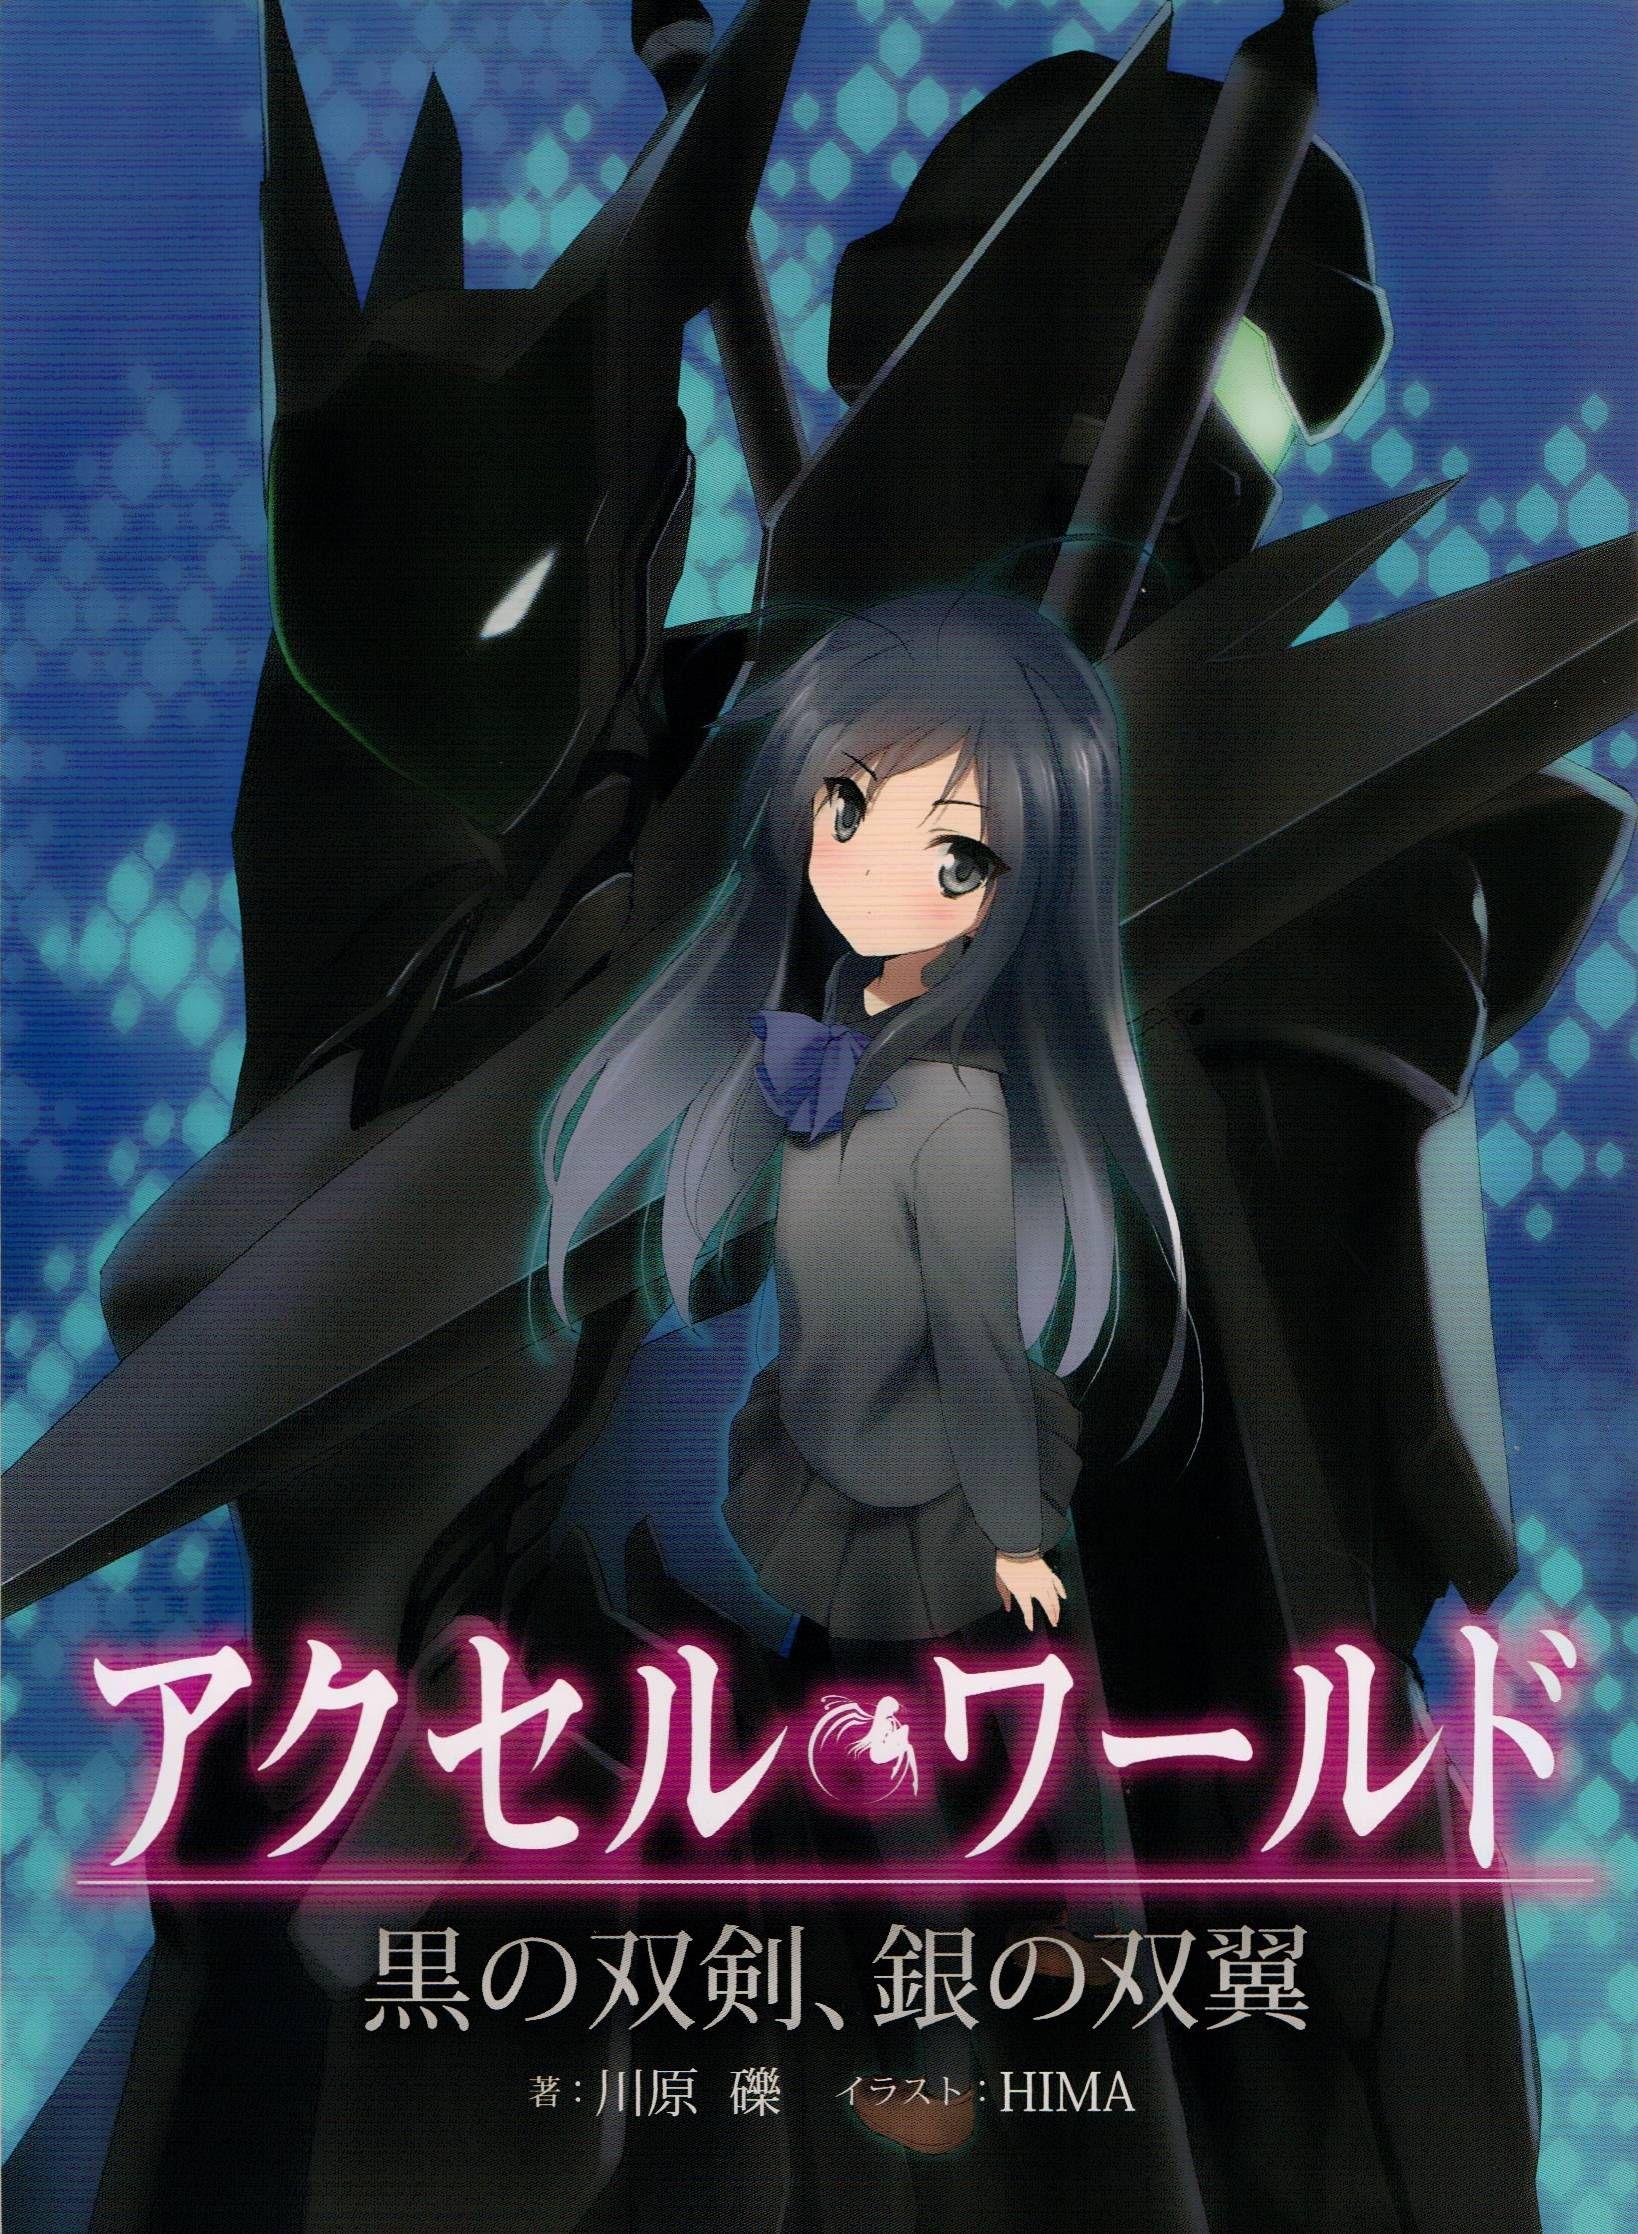 Accel World Light Novel Pages in 2020 Light novel, Anime